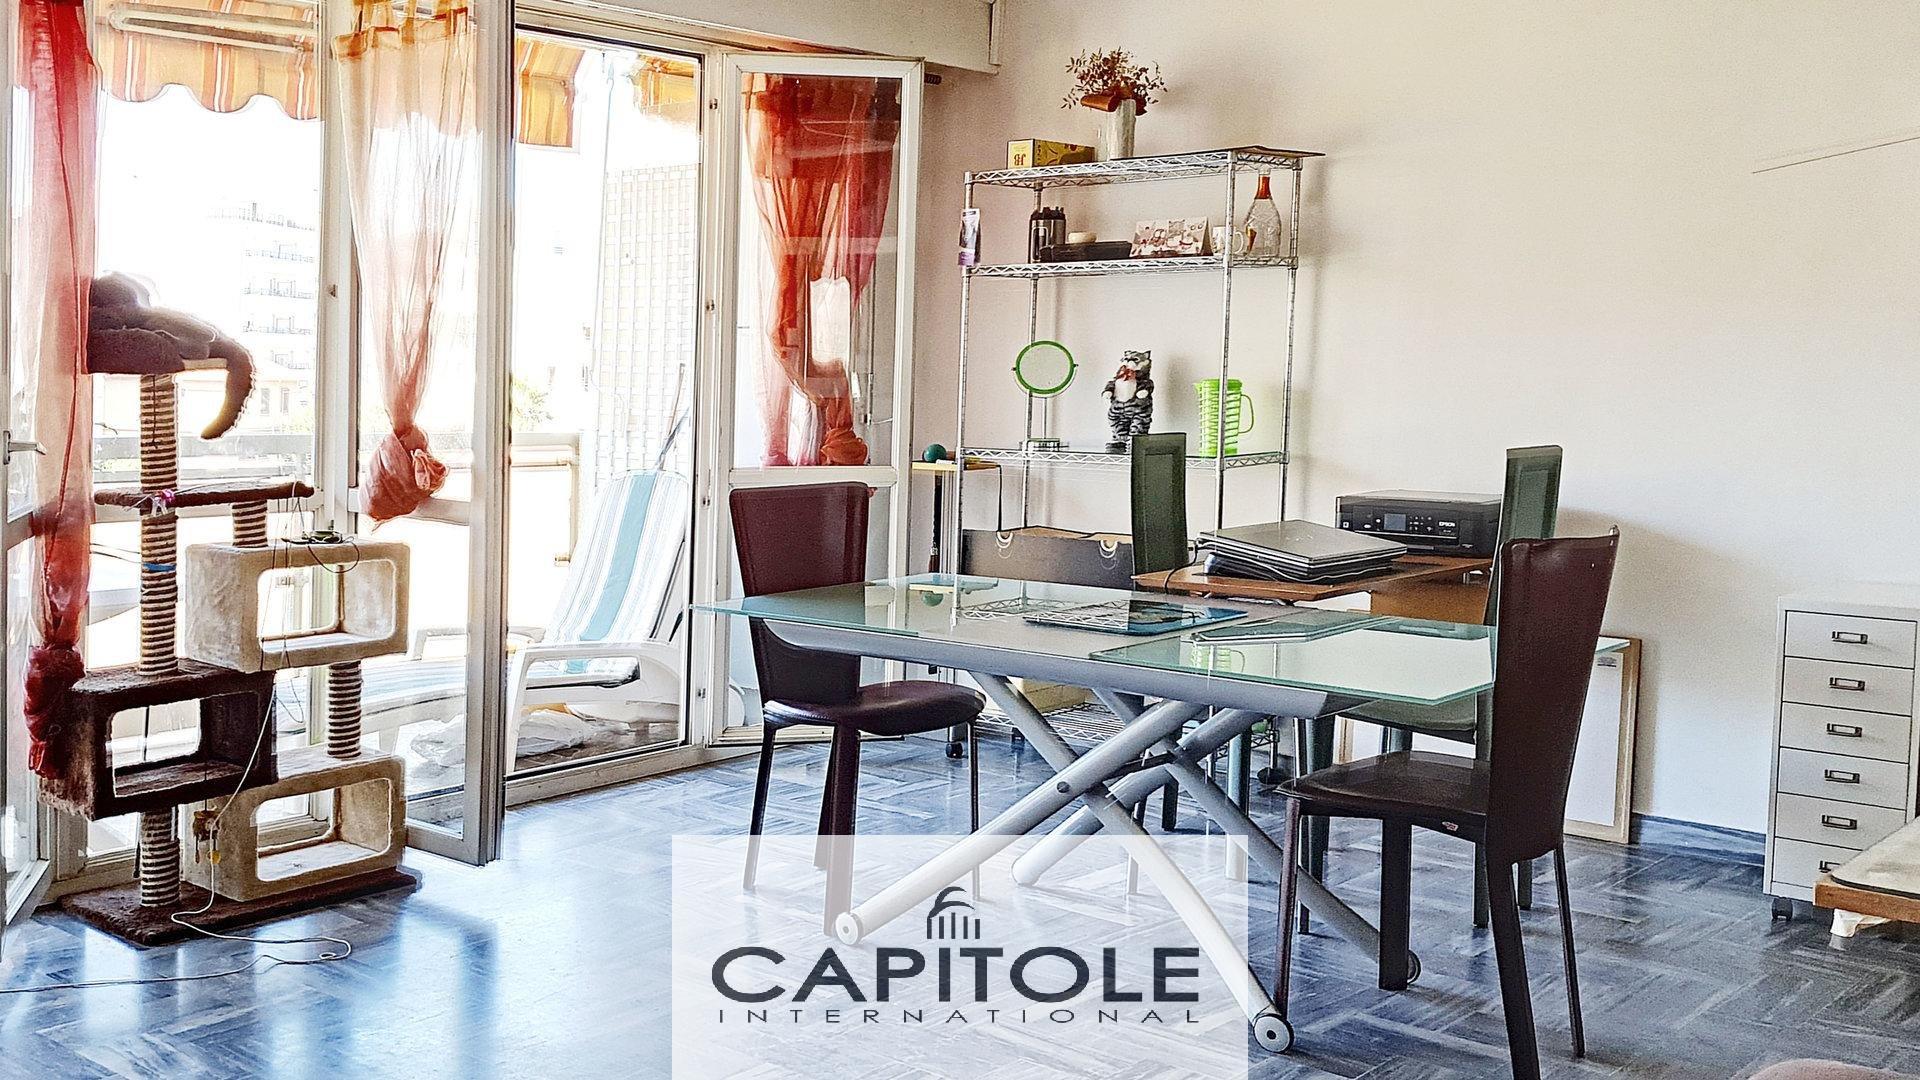 For sale, Juan-les-Pins, 1 bedroom apartment, top floor, terrace, garage, sea, shops